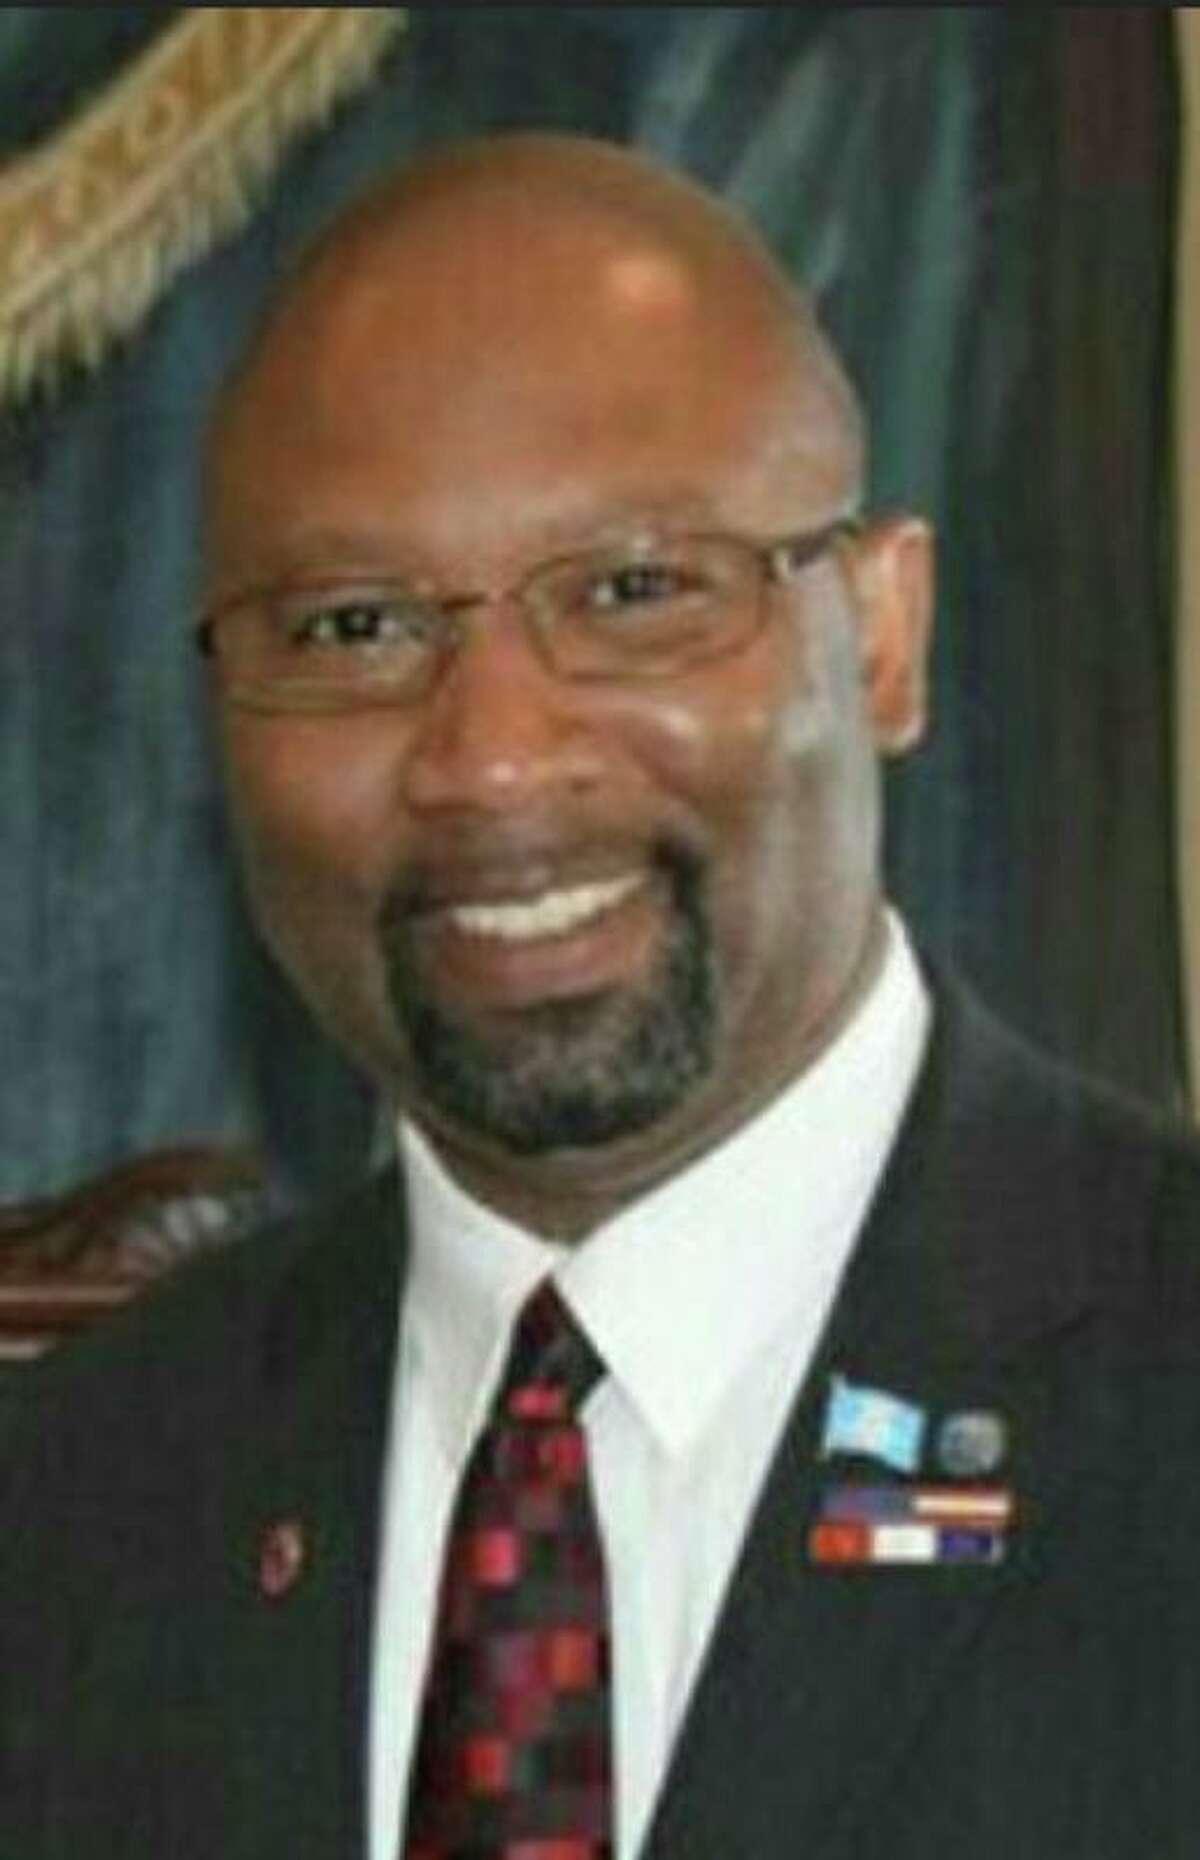 Steven R. Mullins